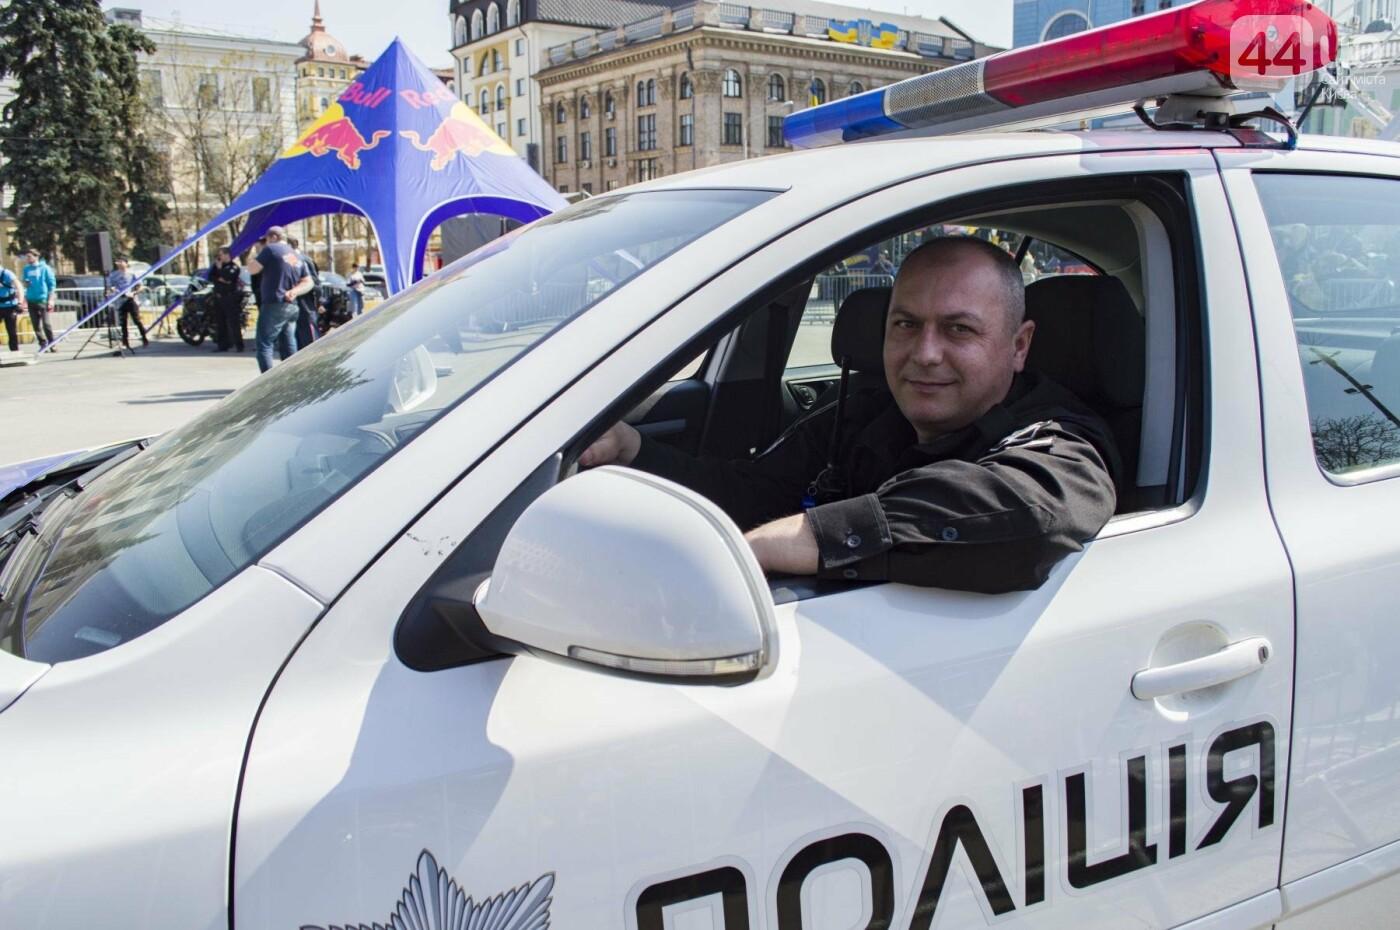 Мотогонки, автошоу патрульных и мощный дрифт: на Подоле проходит масштабный фестиваль драйва, фото-18